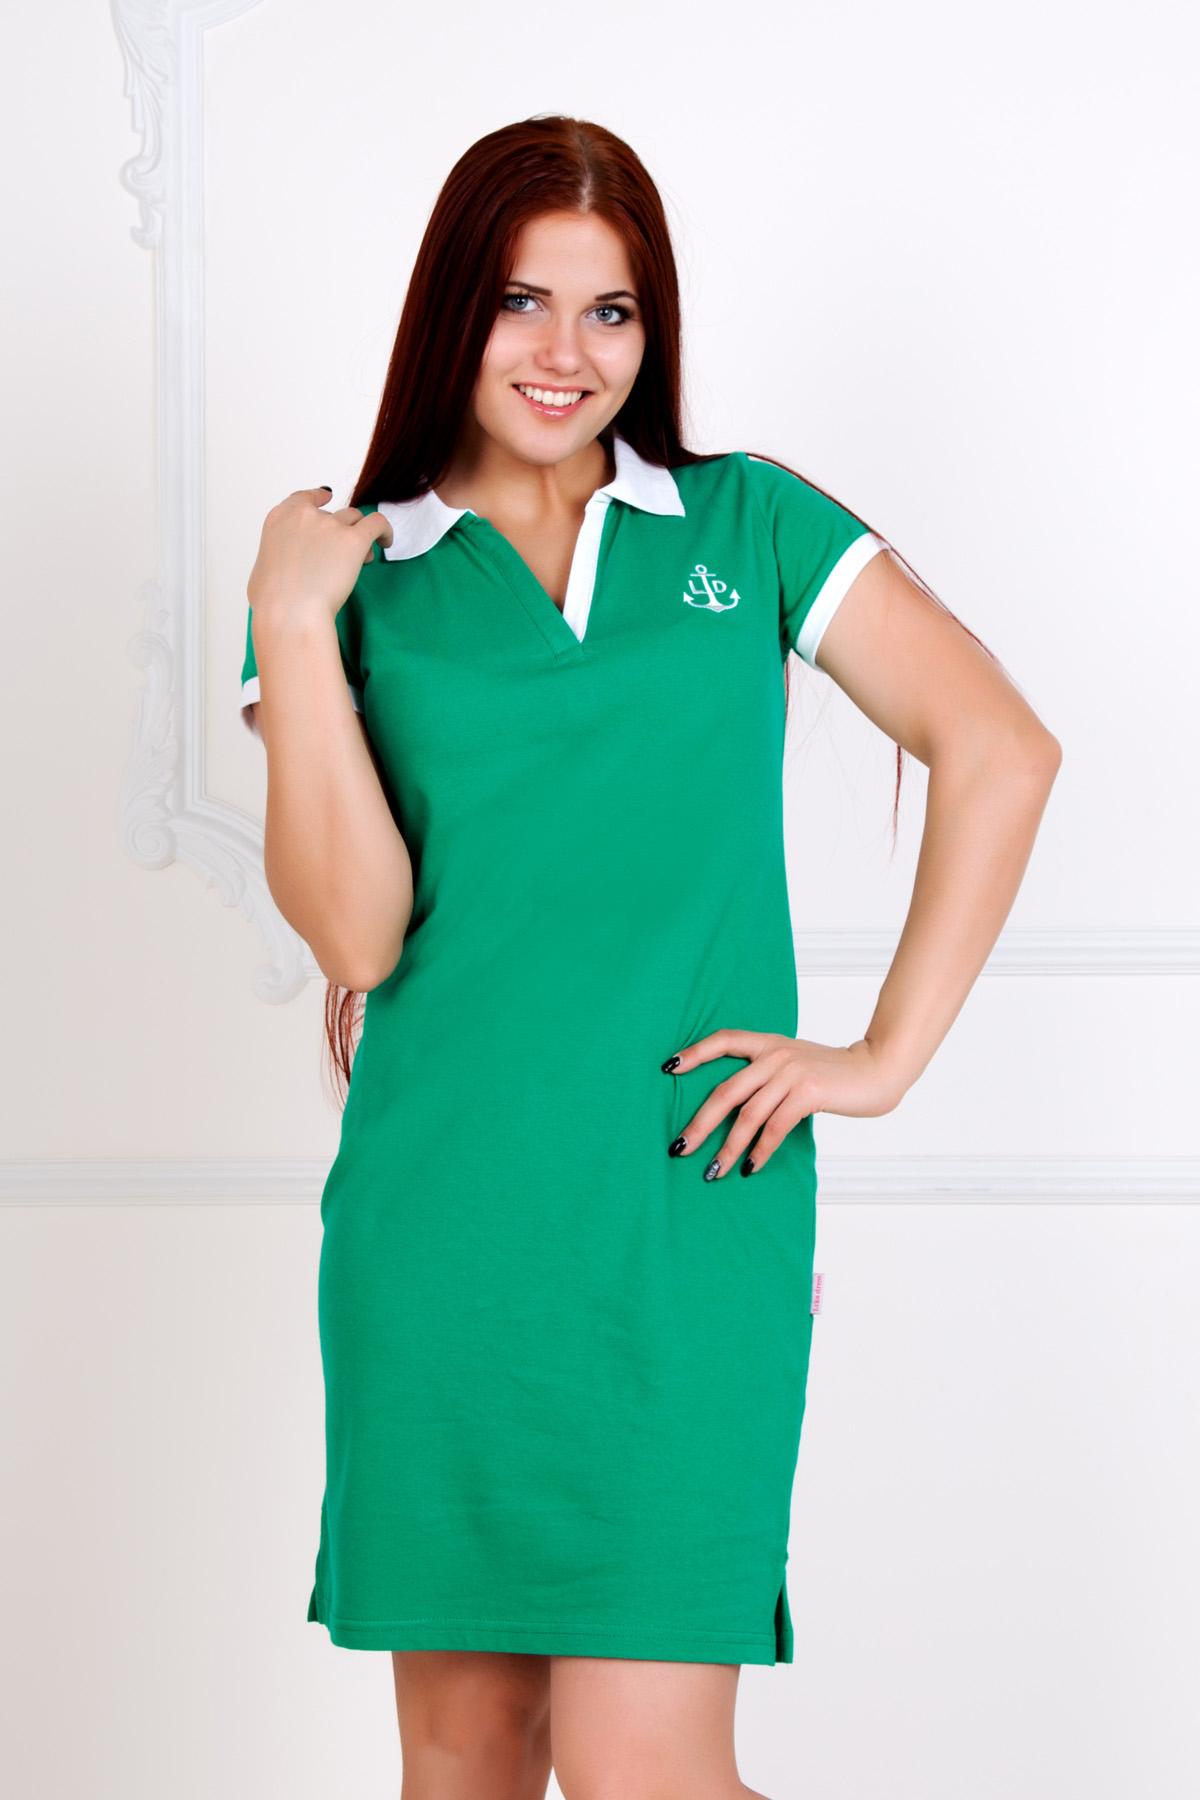 Жен. платье Поло Зеленый р. 46Платья, туники<br>Обхват груди:92 см<br>Обхват талии:74 см<br>Обхват бедер:100 см<br>Длина по спинке:91 см<br>Рост:167 см<br><br>Тип: Жен. платье<br>Размер: 46<br>Материал: Пике